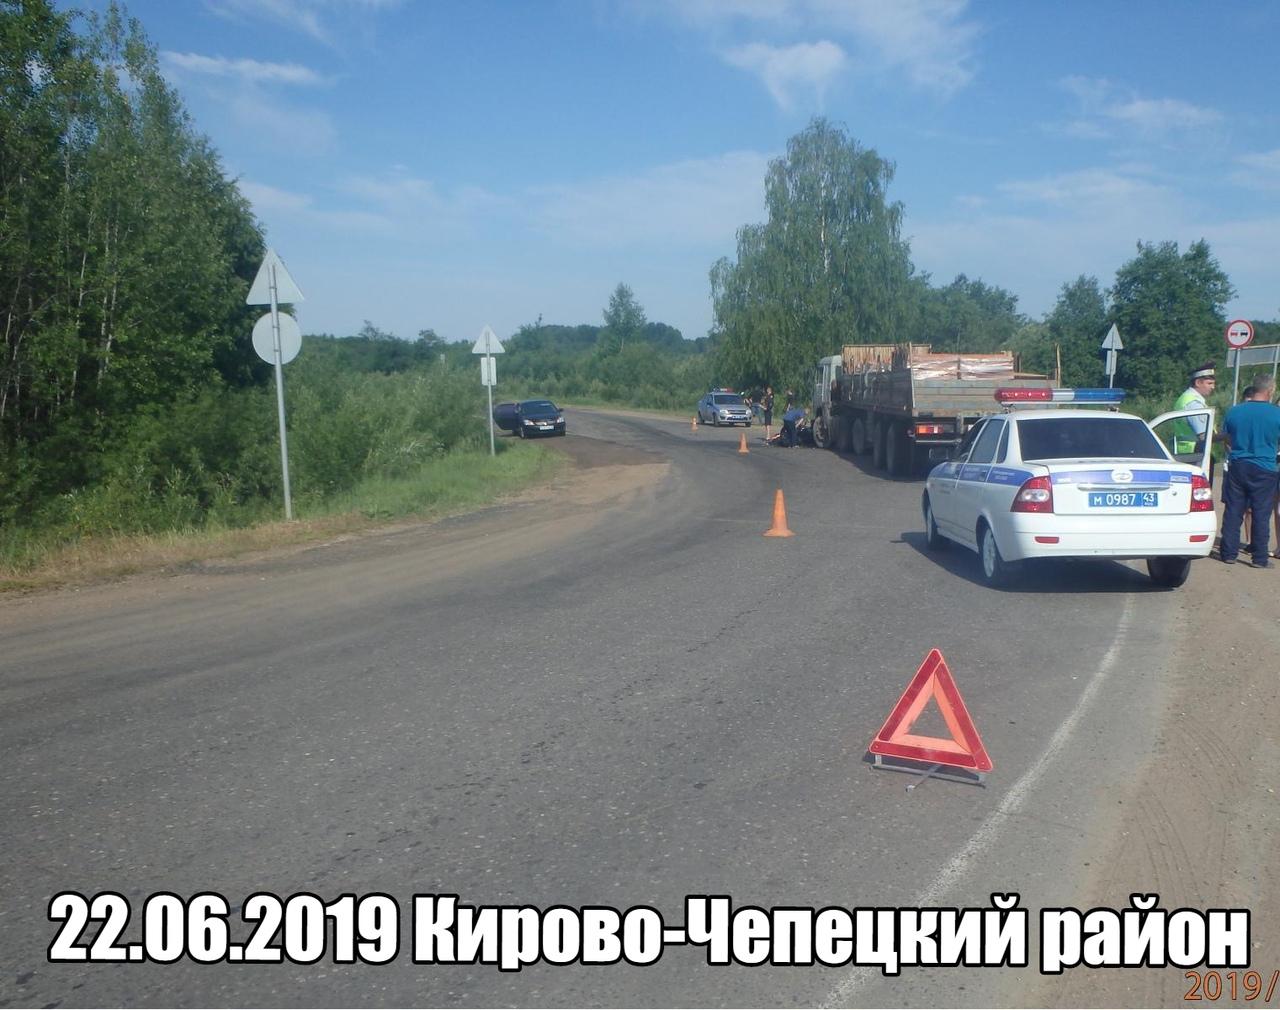 В Кирово-Чепецком районе в выходные произошла смертельная авария